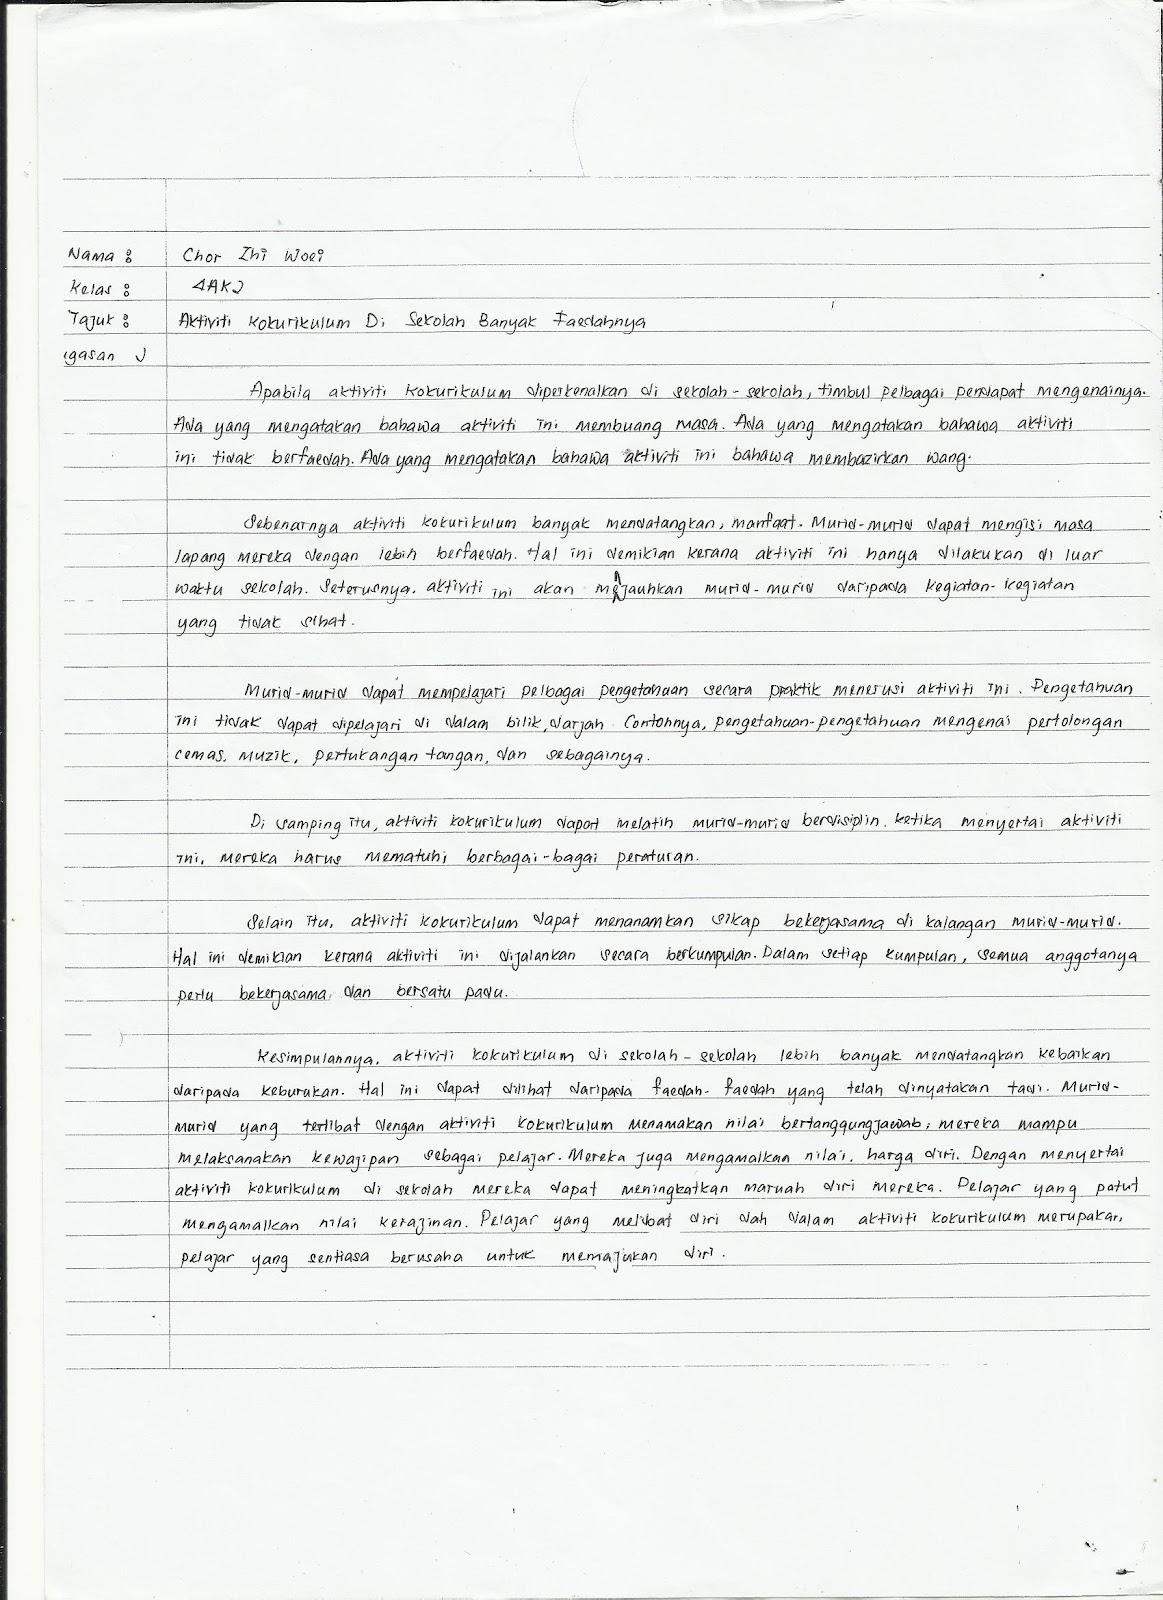 moral essay spm moral folio essay moral essay spm contoh moral  spm moral folio essay spm moral folio essay